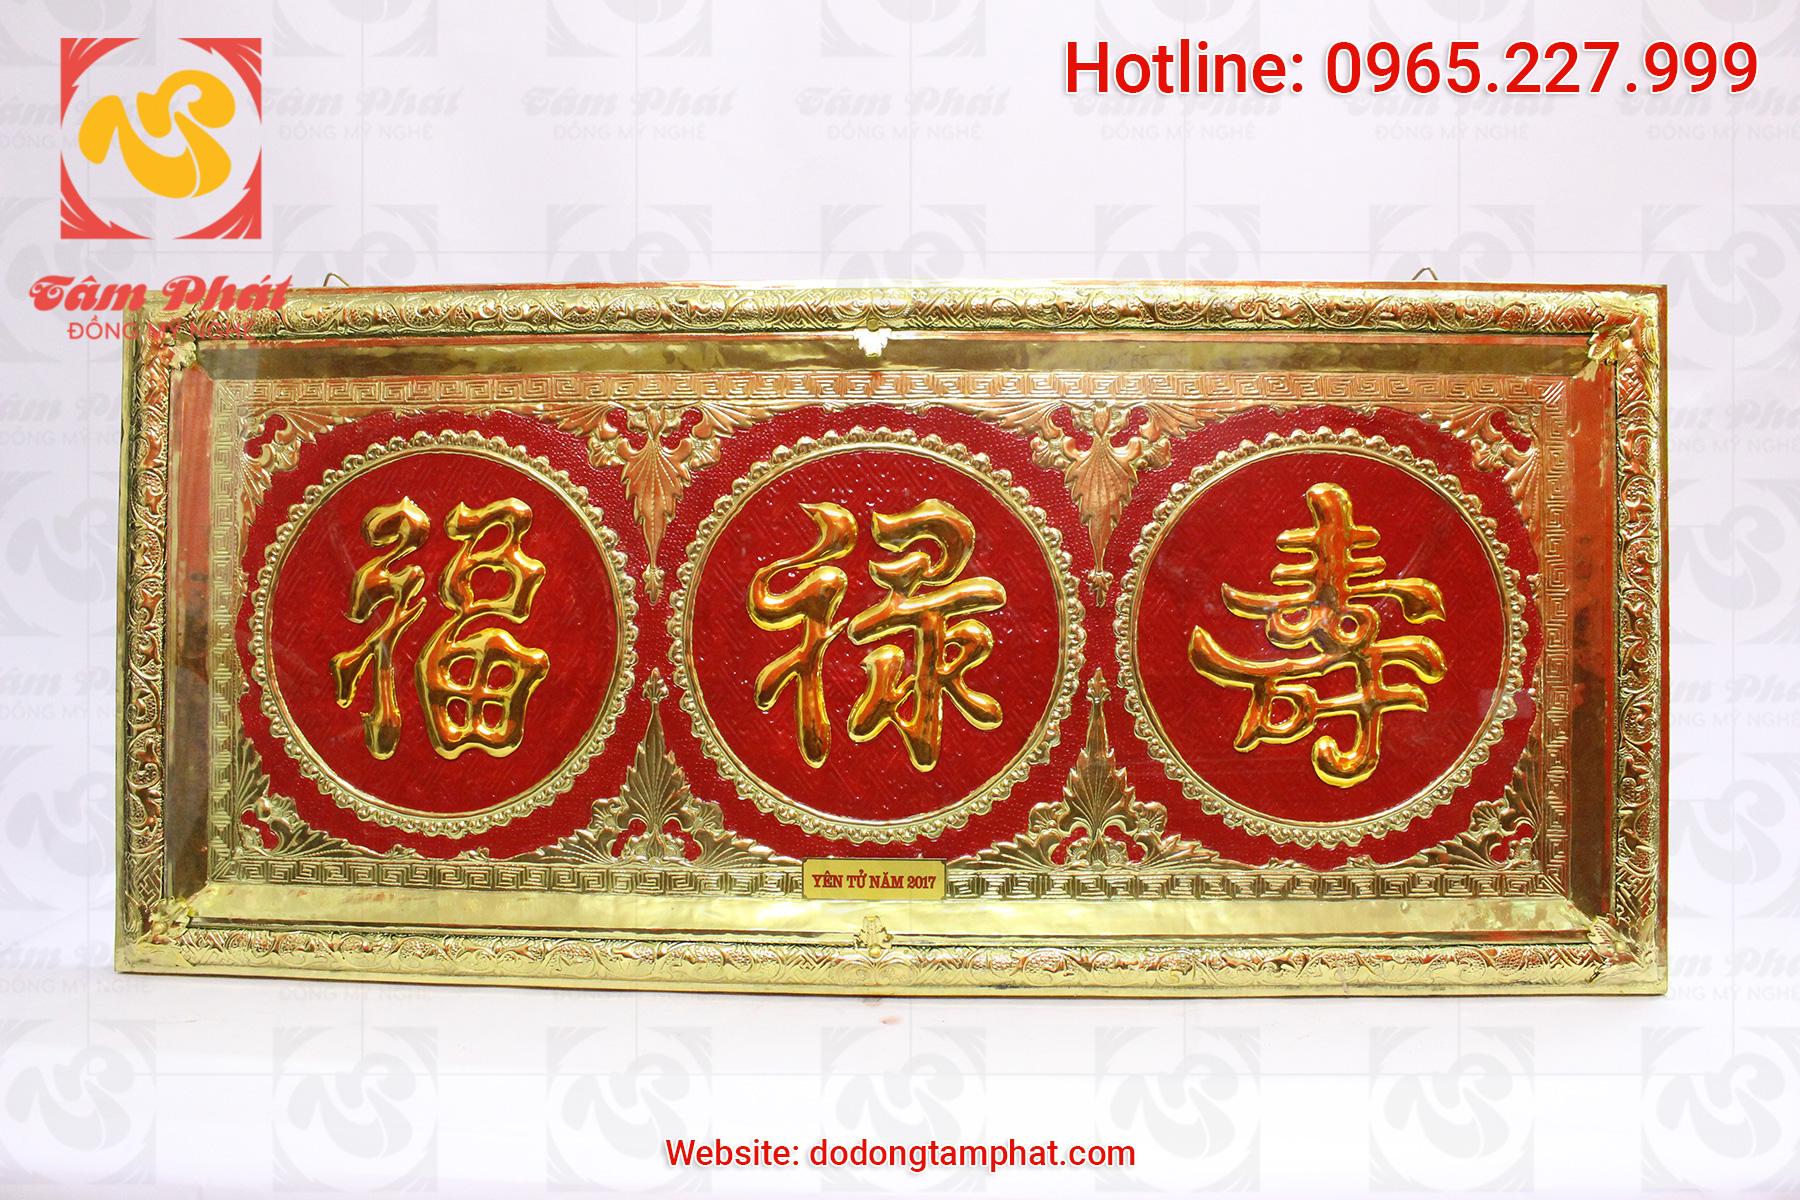 Tâm Phát nhận thi công và Thiếp vàng 9999  trên mọi sản phẩm đồ đồng mỹ nghệ